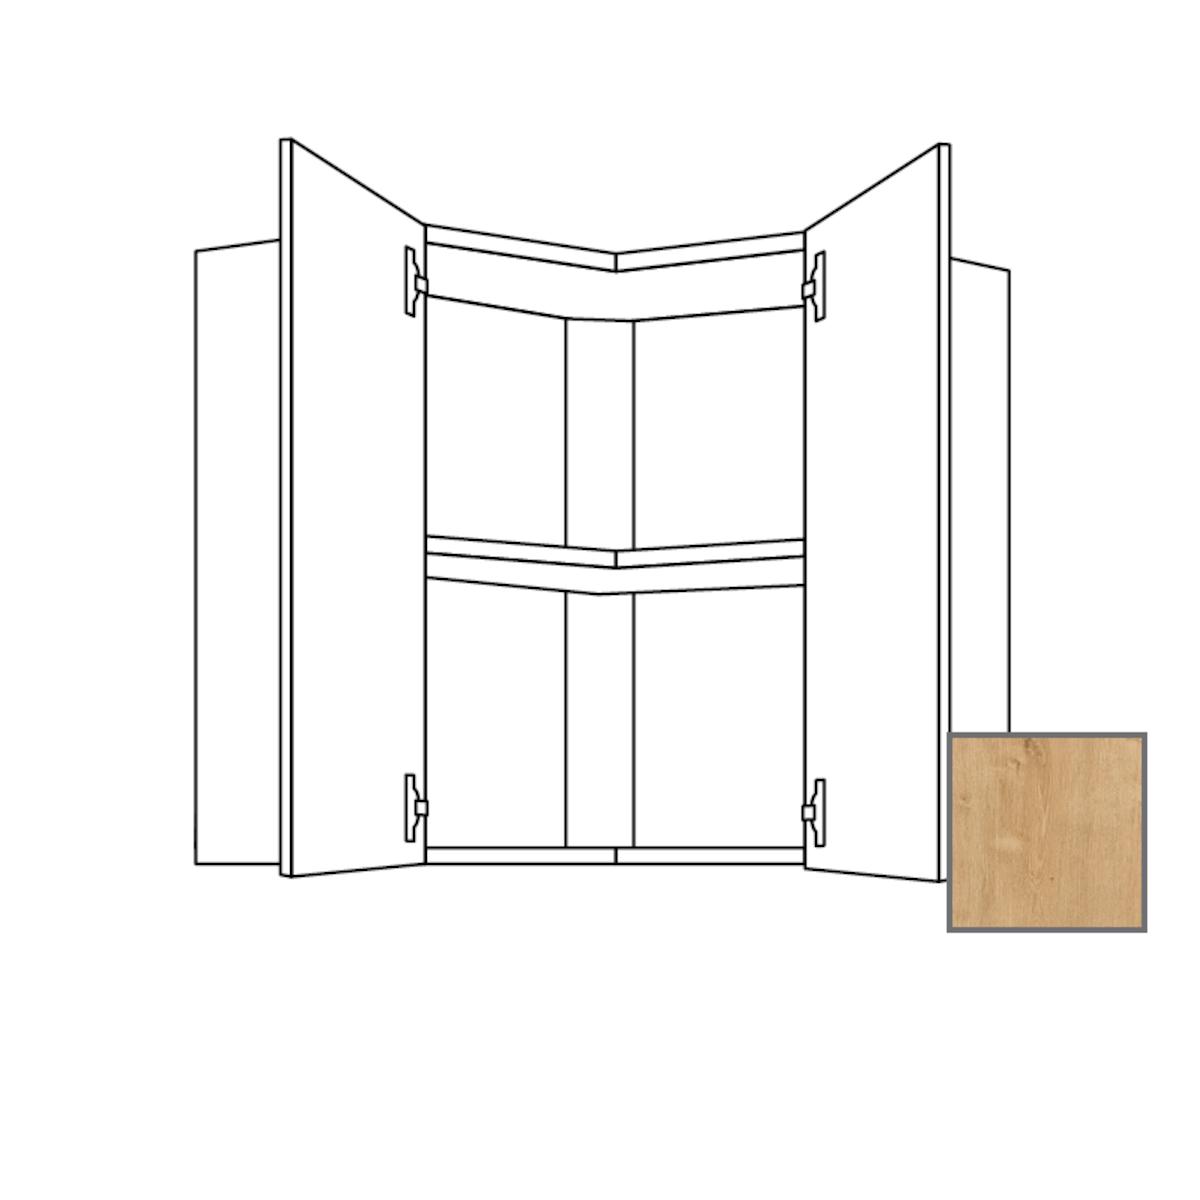 Kuchyňská skříňka s dvířky horní Naturel Lusi24 60x65x60 cm dub 698.WE6001L